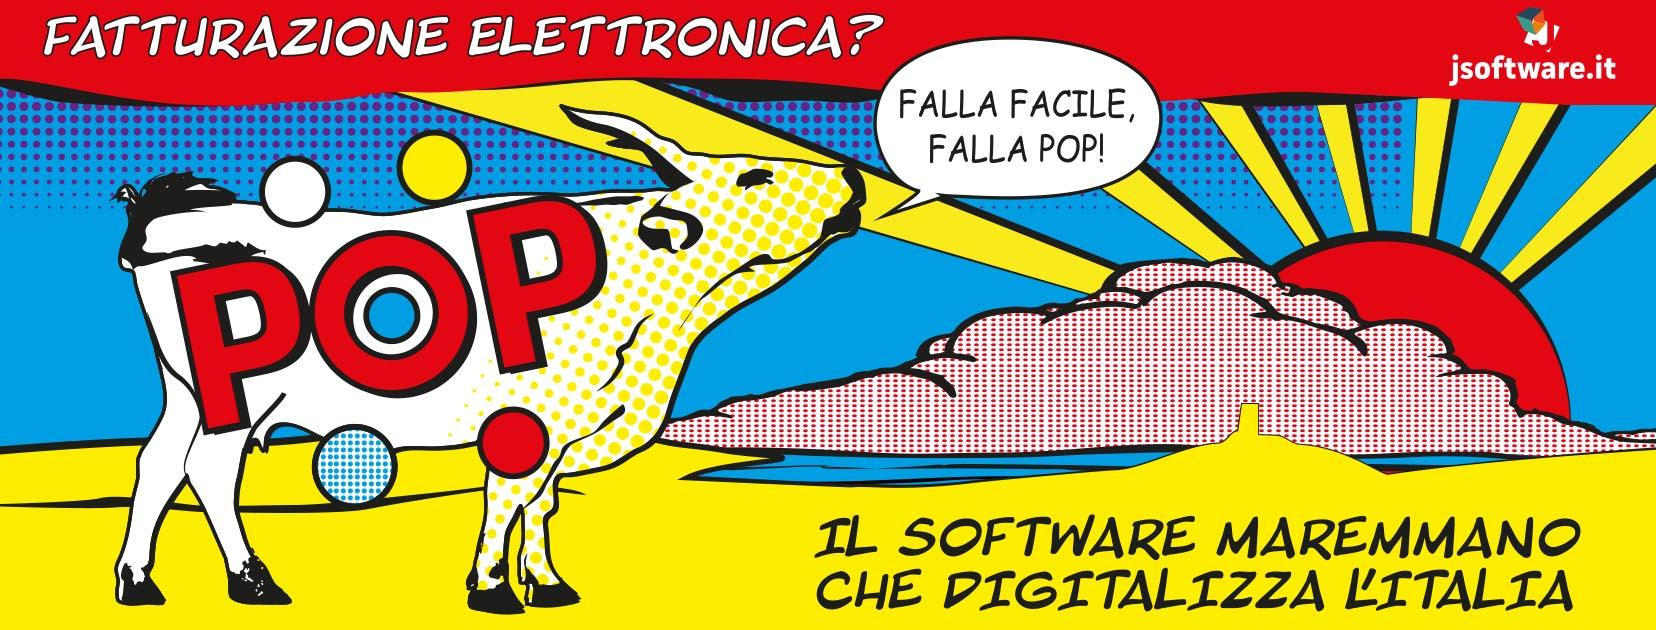 POP_fb_FATTURAZIONE ELETTRONICA